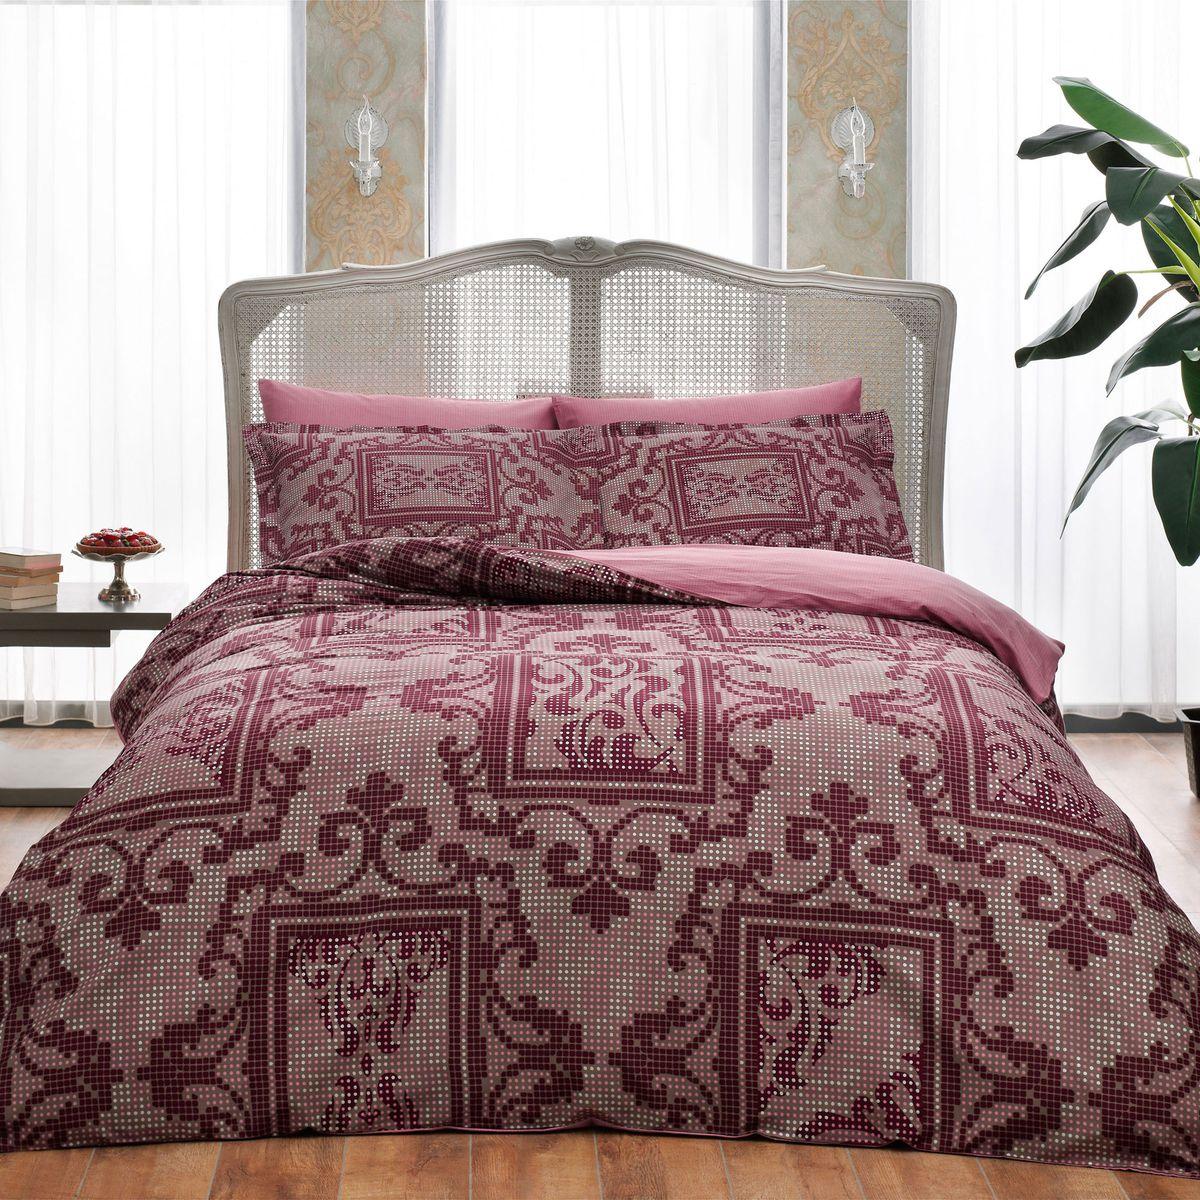 Комплект белья TAC Grant Bordo, 2-спальный, наволочки 50х70 смS03301004Показатель должного внимания. Выбирая Satin Delux, Вы выбираете престиж. Эксклюзивность и непревзойденность в деталях пошива и дизайне.Сатин – гладкая и прочная ткань, которая своим блеском, легкостью и гладкостью похожа на шелк, но выгодно отличается от него в цене. Сатин практически не мнется, поэтому его можно не гладить. Ко всему прочему, он весьма практичен, т.к. хорошо переносит множественные стирки. Если Вы ценитель эстетики и практичности одновременно, безусловно, сатин для Вас!